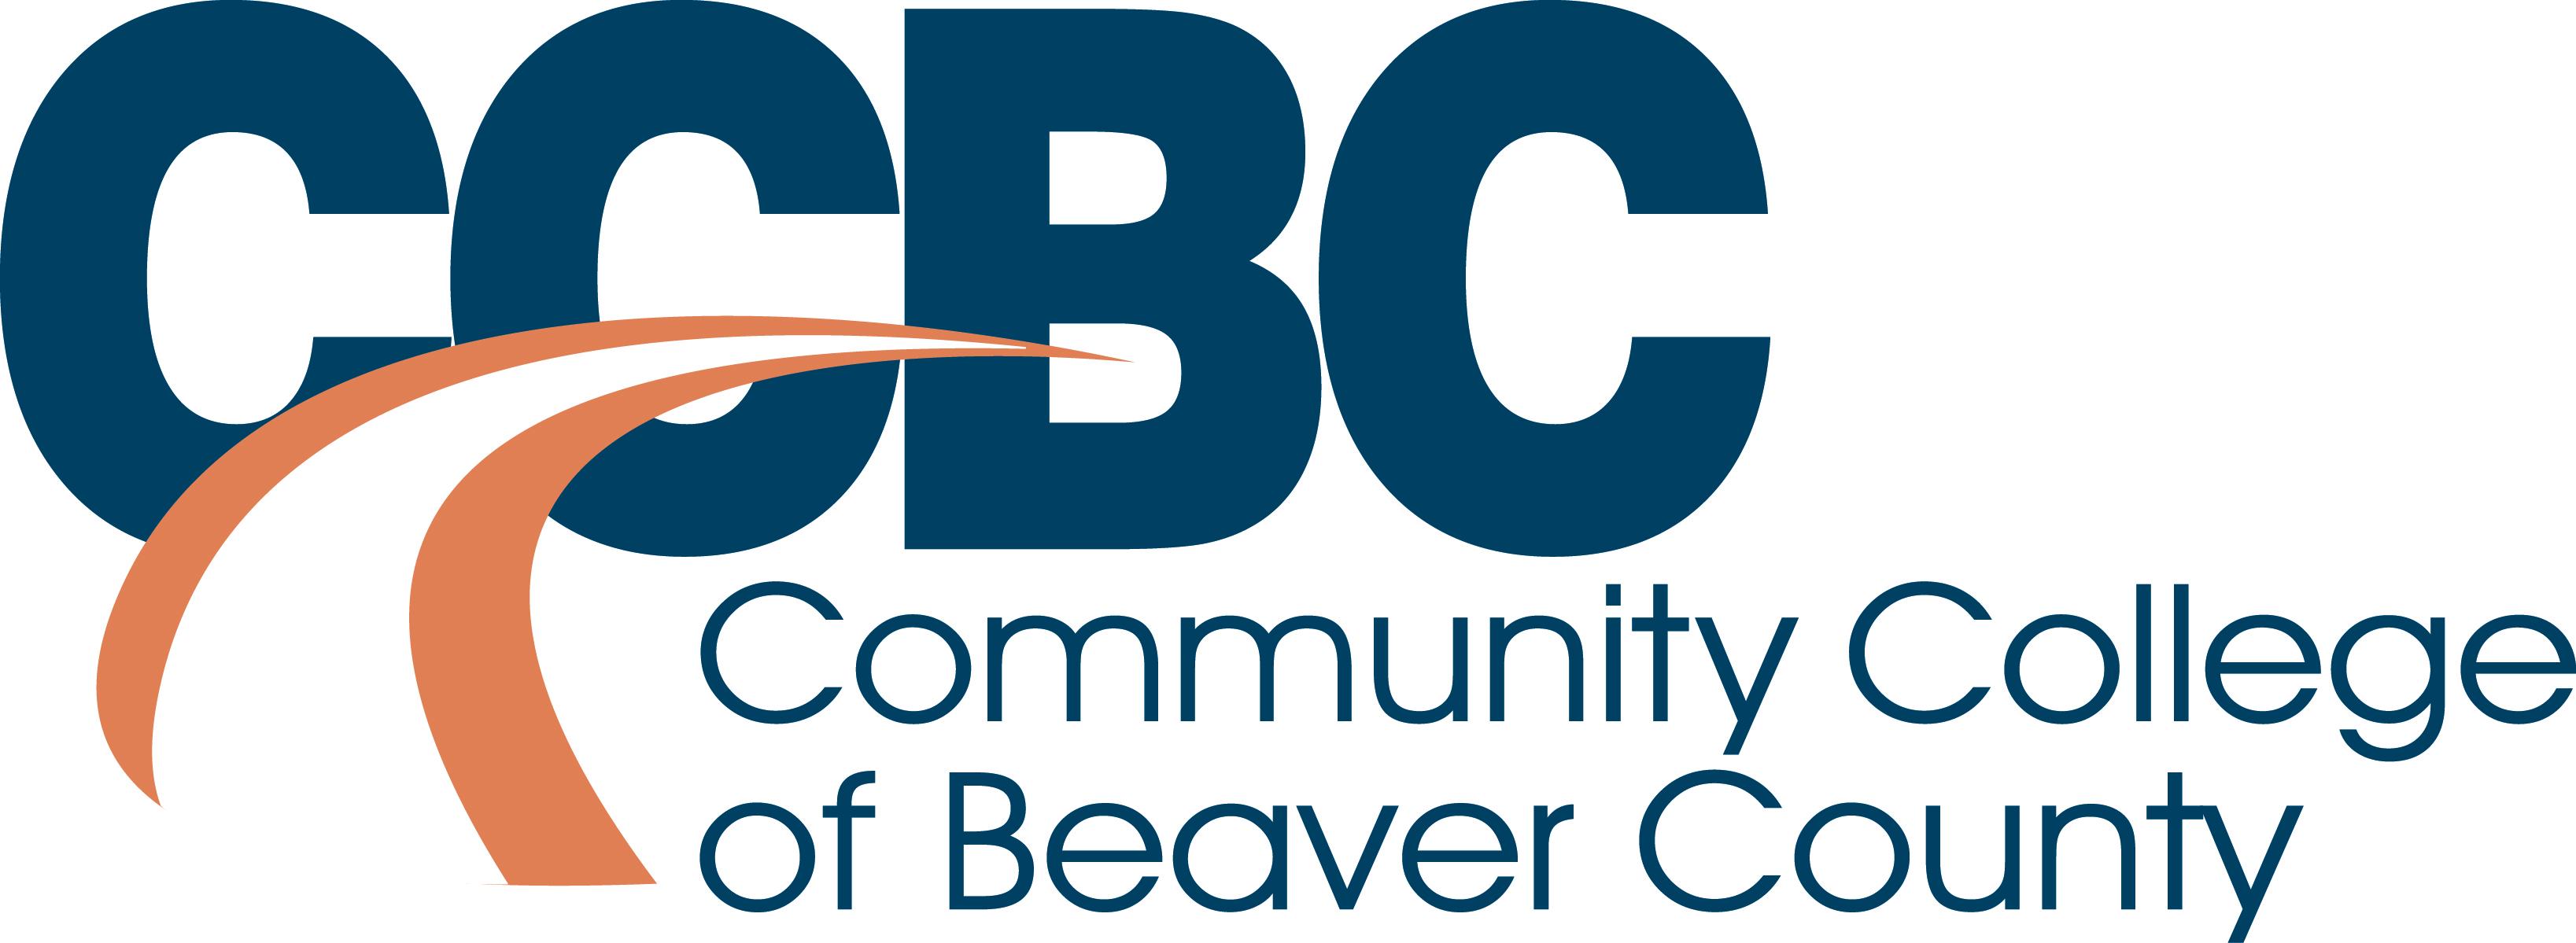 Ccbc logo color